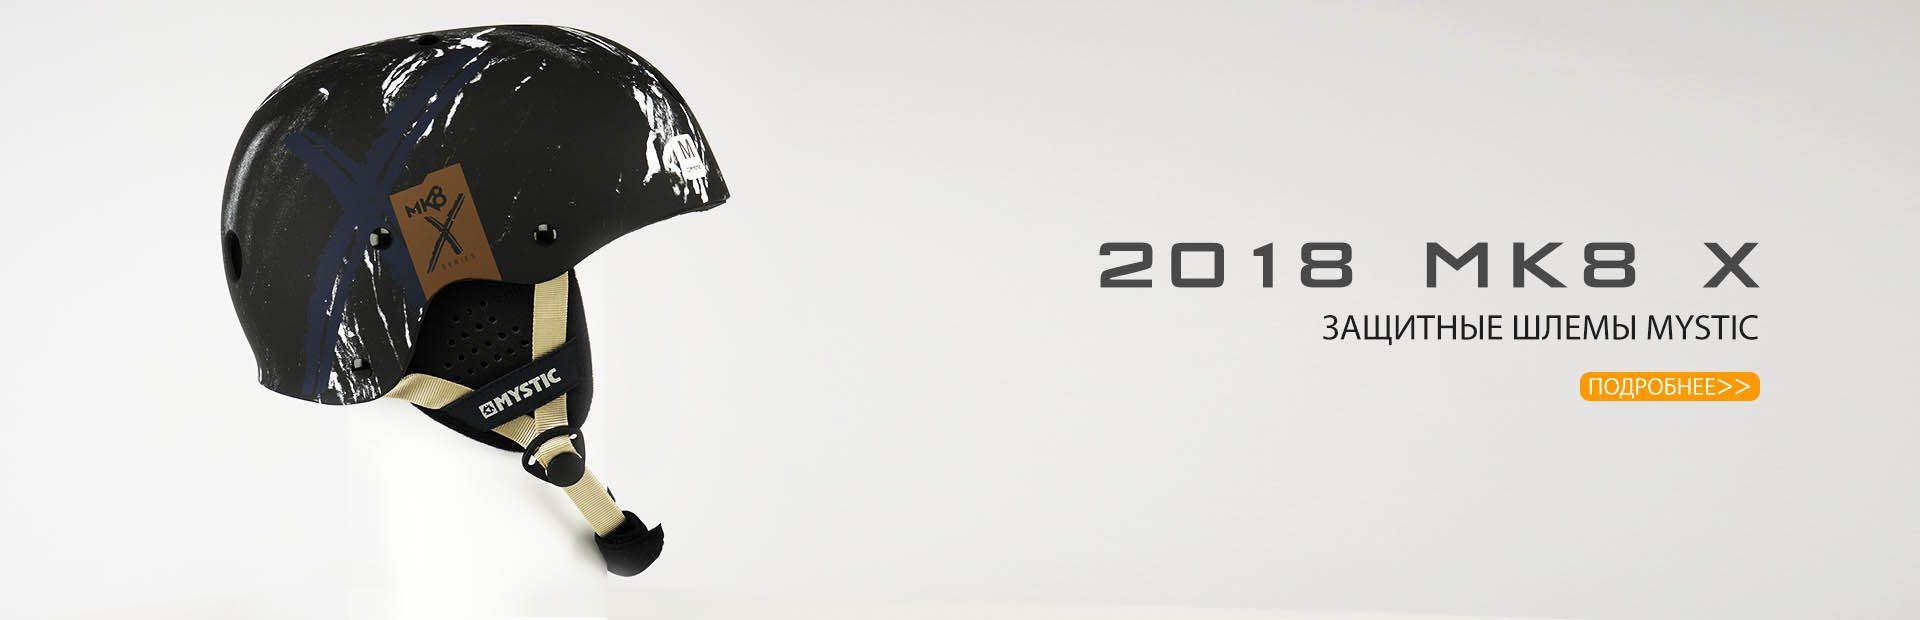 Защитные шлемы для вейкбординга и кайтсерфинга